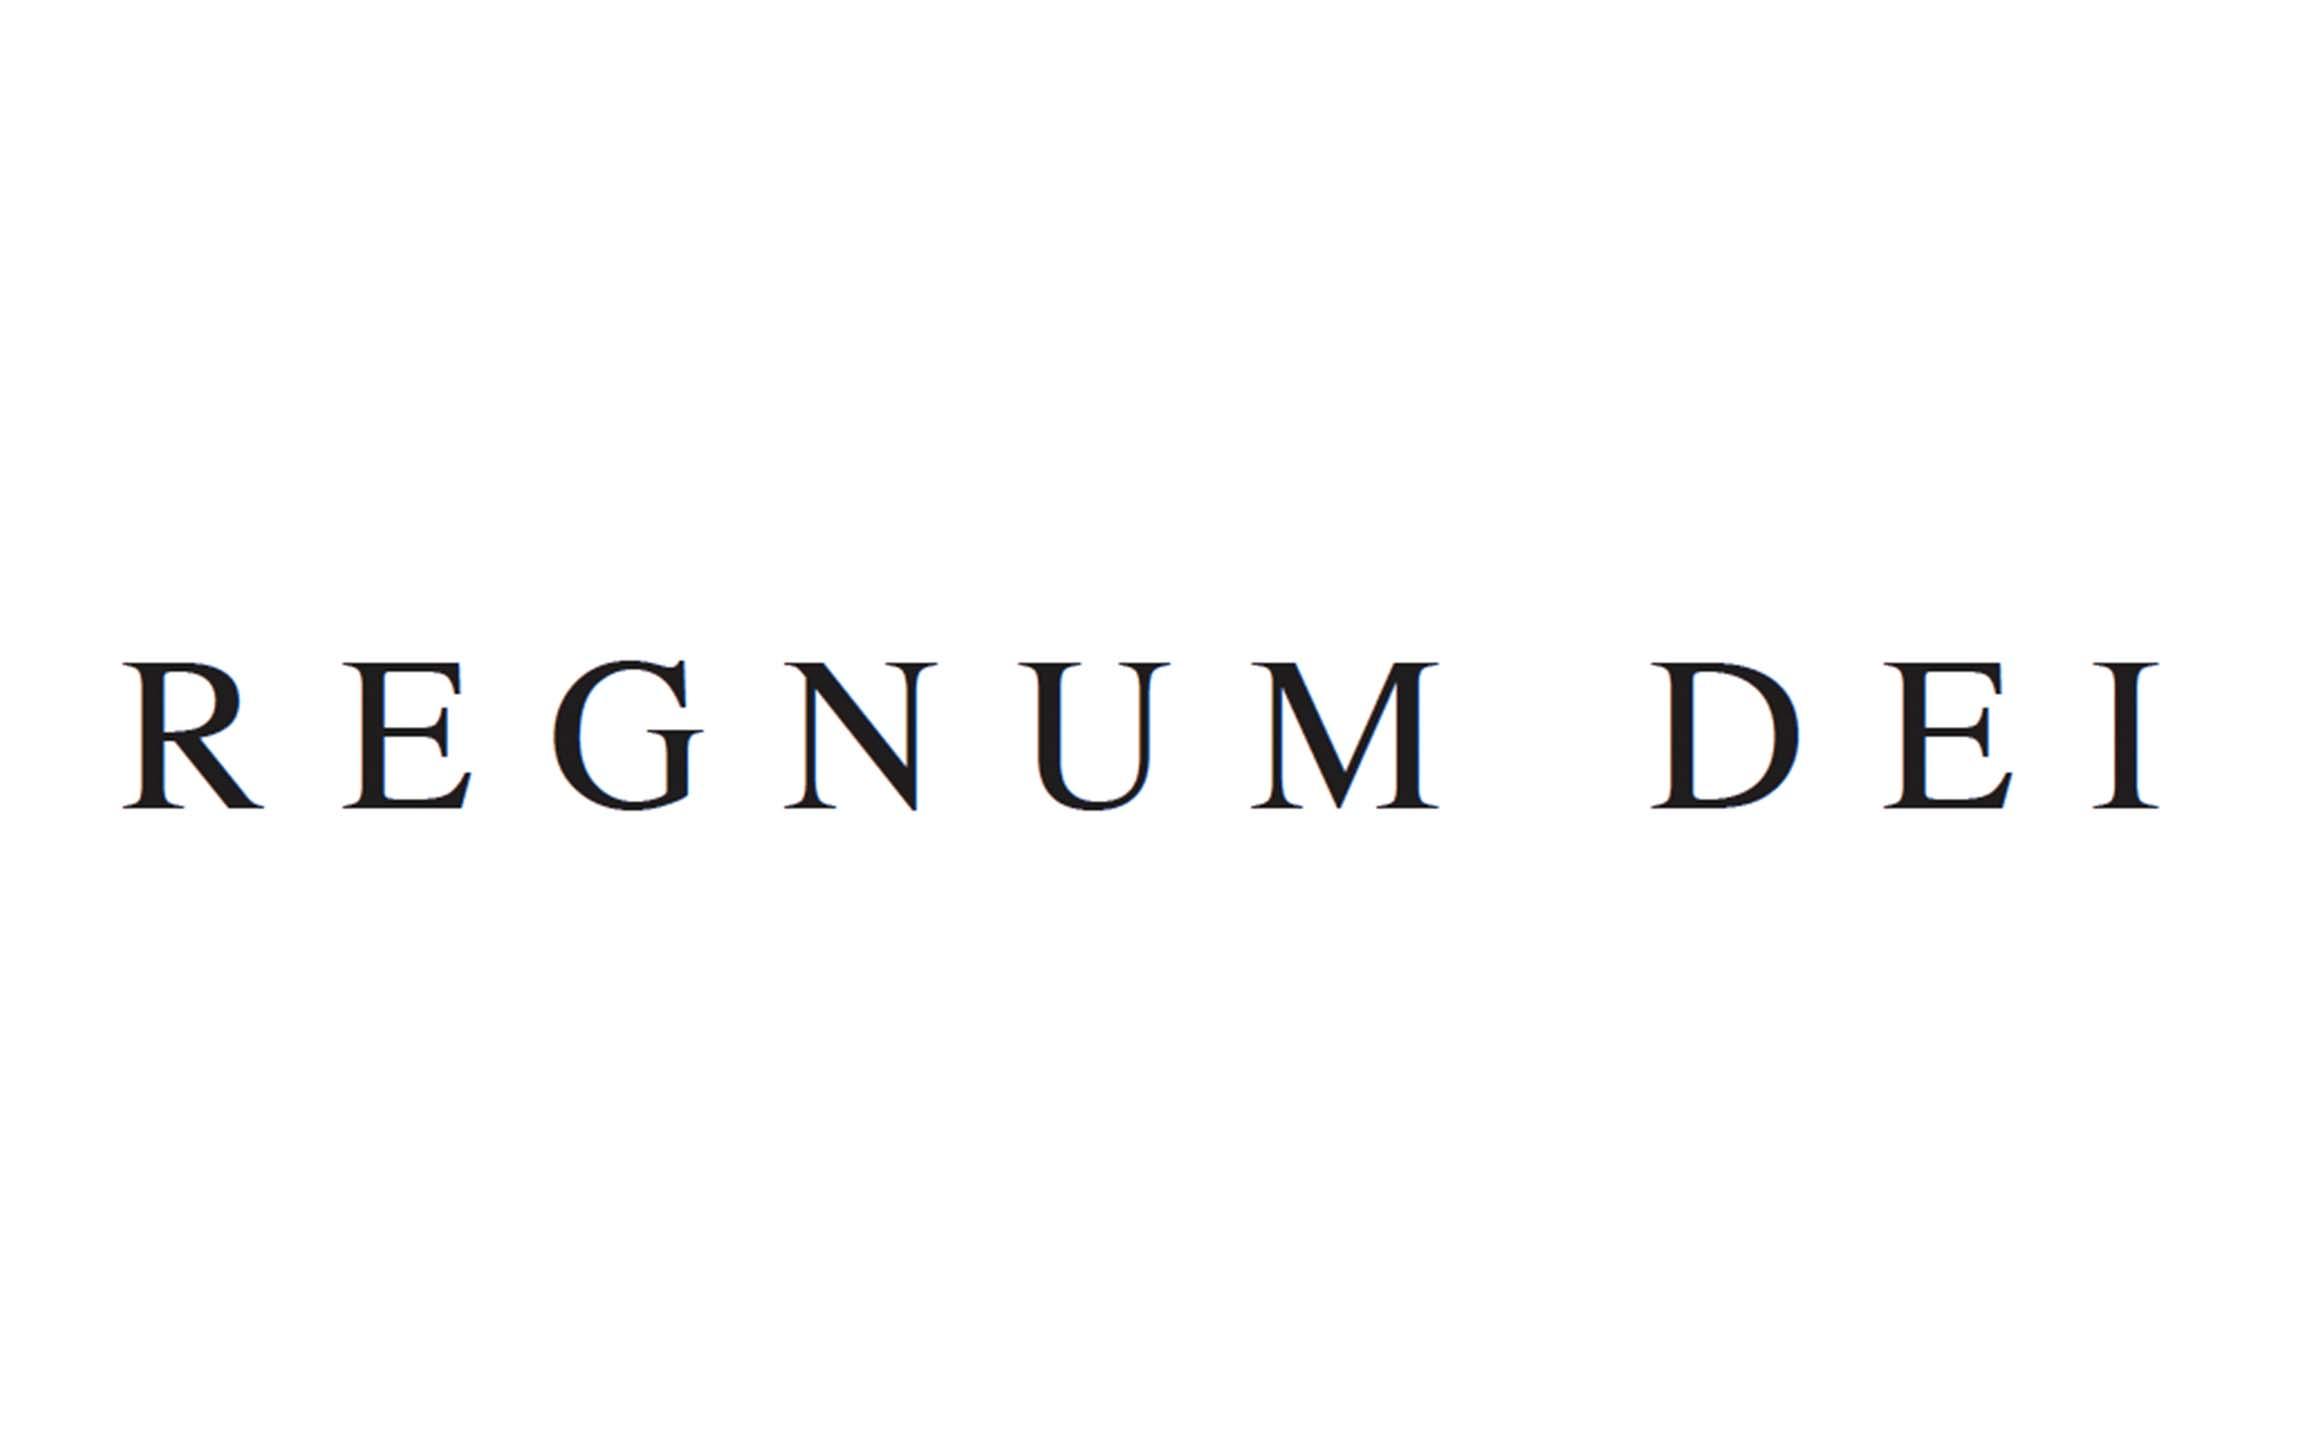 Logo Regnum Dei (Theatines)